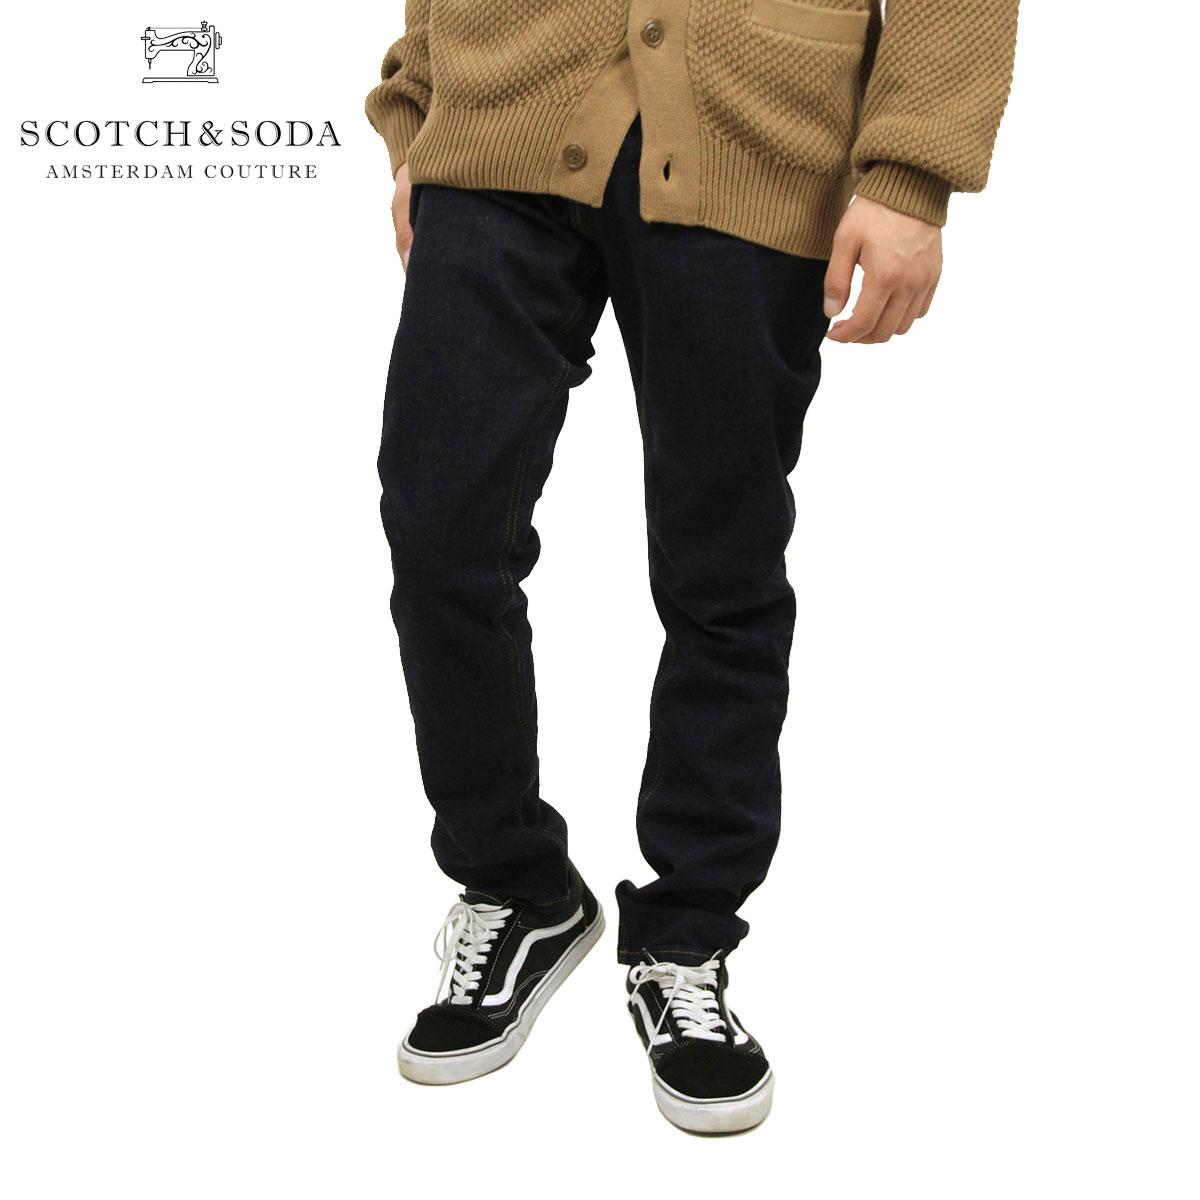 スコッチアンドソーダ SCOTCH&SODA 正規販売店 メンズ ジーンズ Skim - Touchdown Stretch 100734 5F D00S20